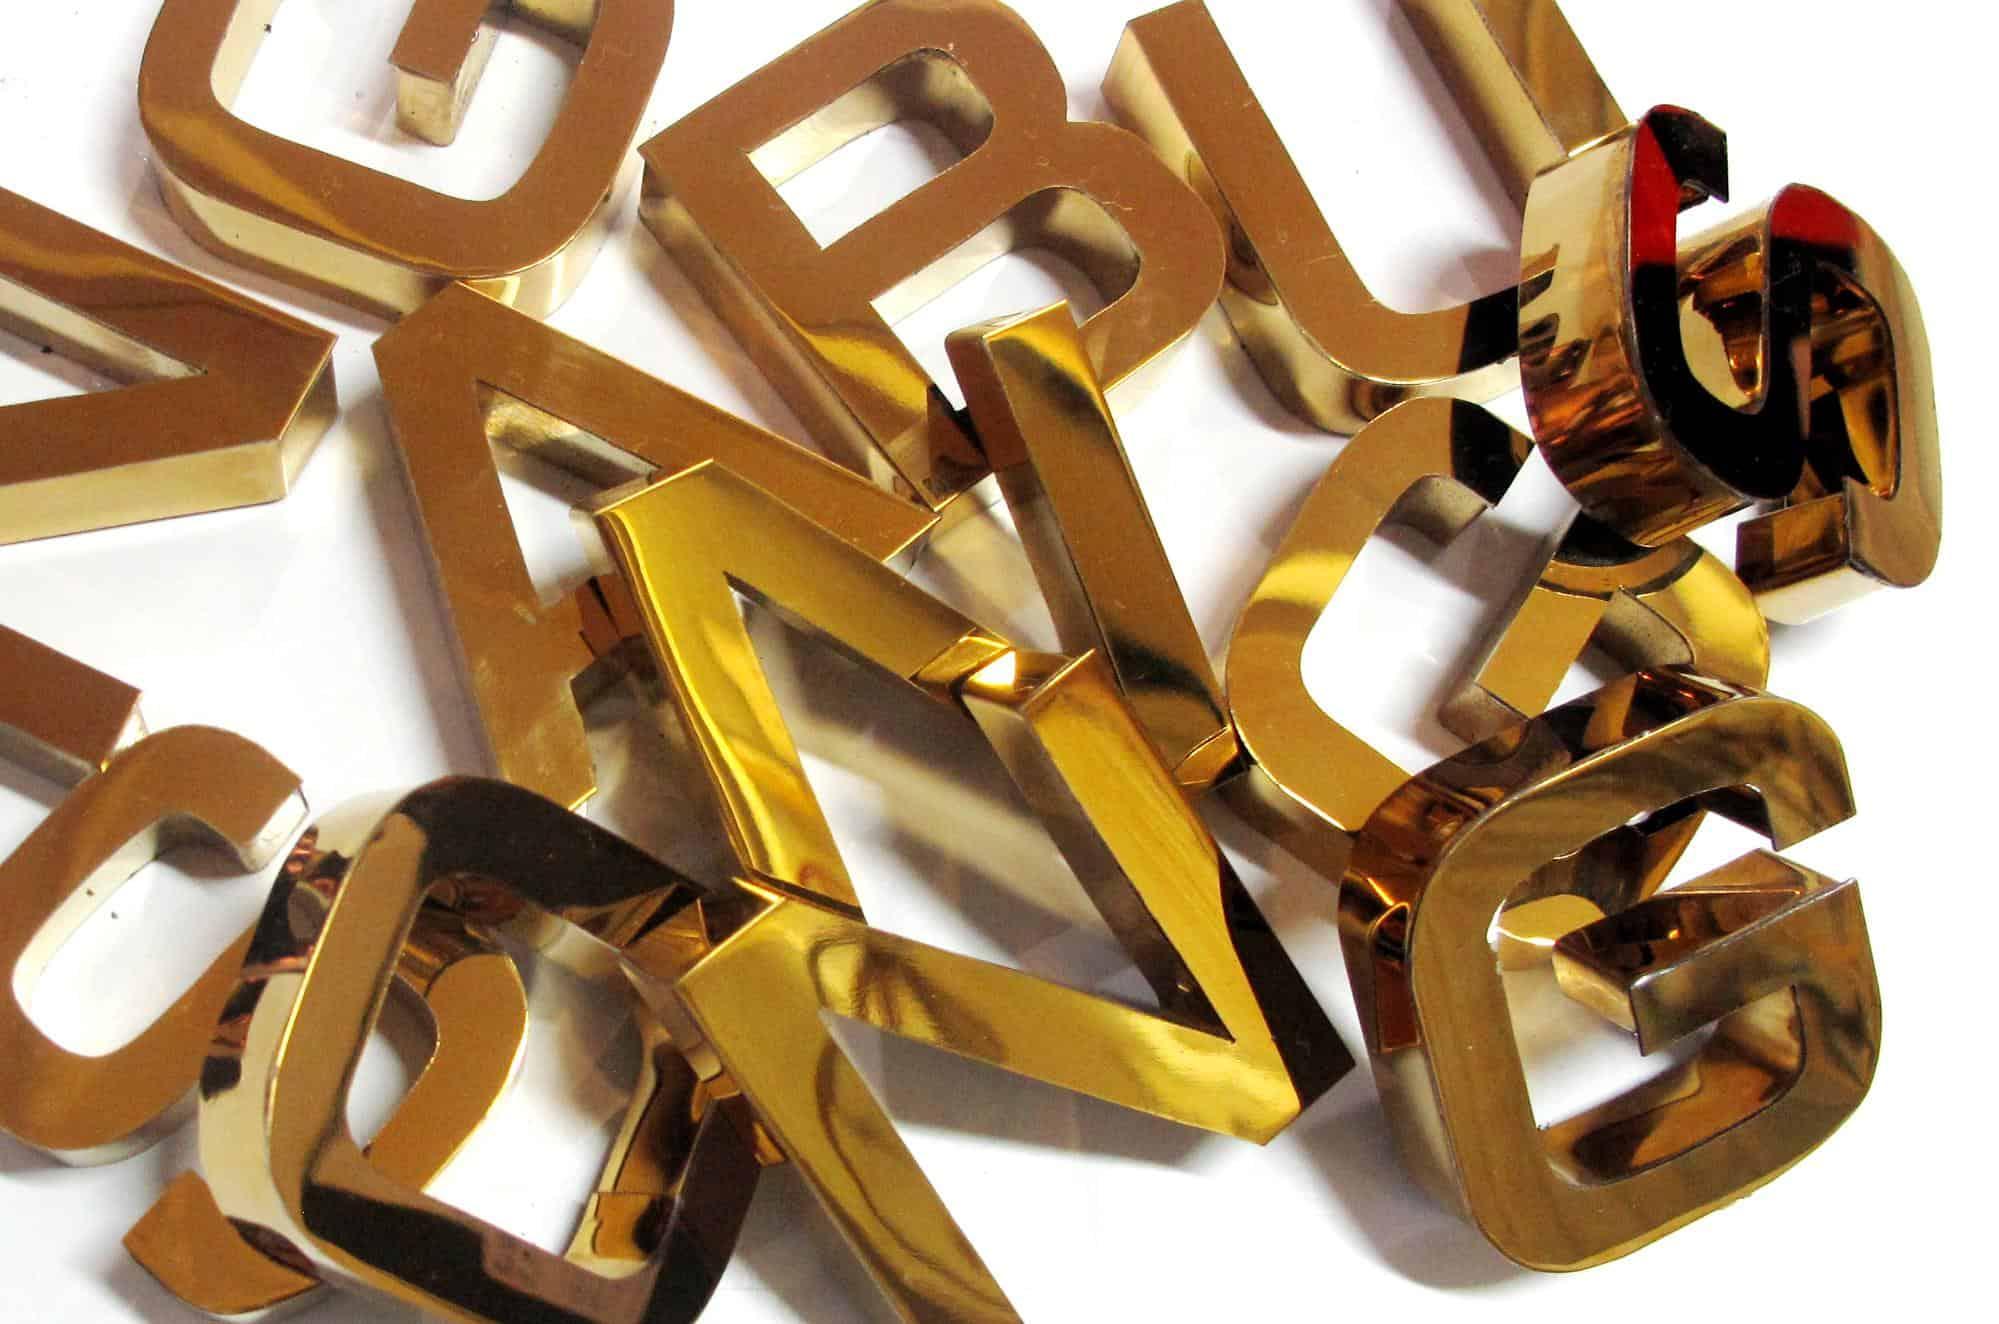 Thiết Kế Thi Công Biển Quảng Cáo Chữ Inox | Tỉ Mỉ & Giá Tốt